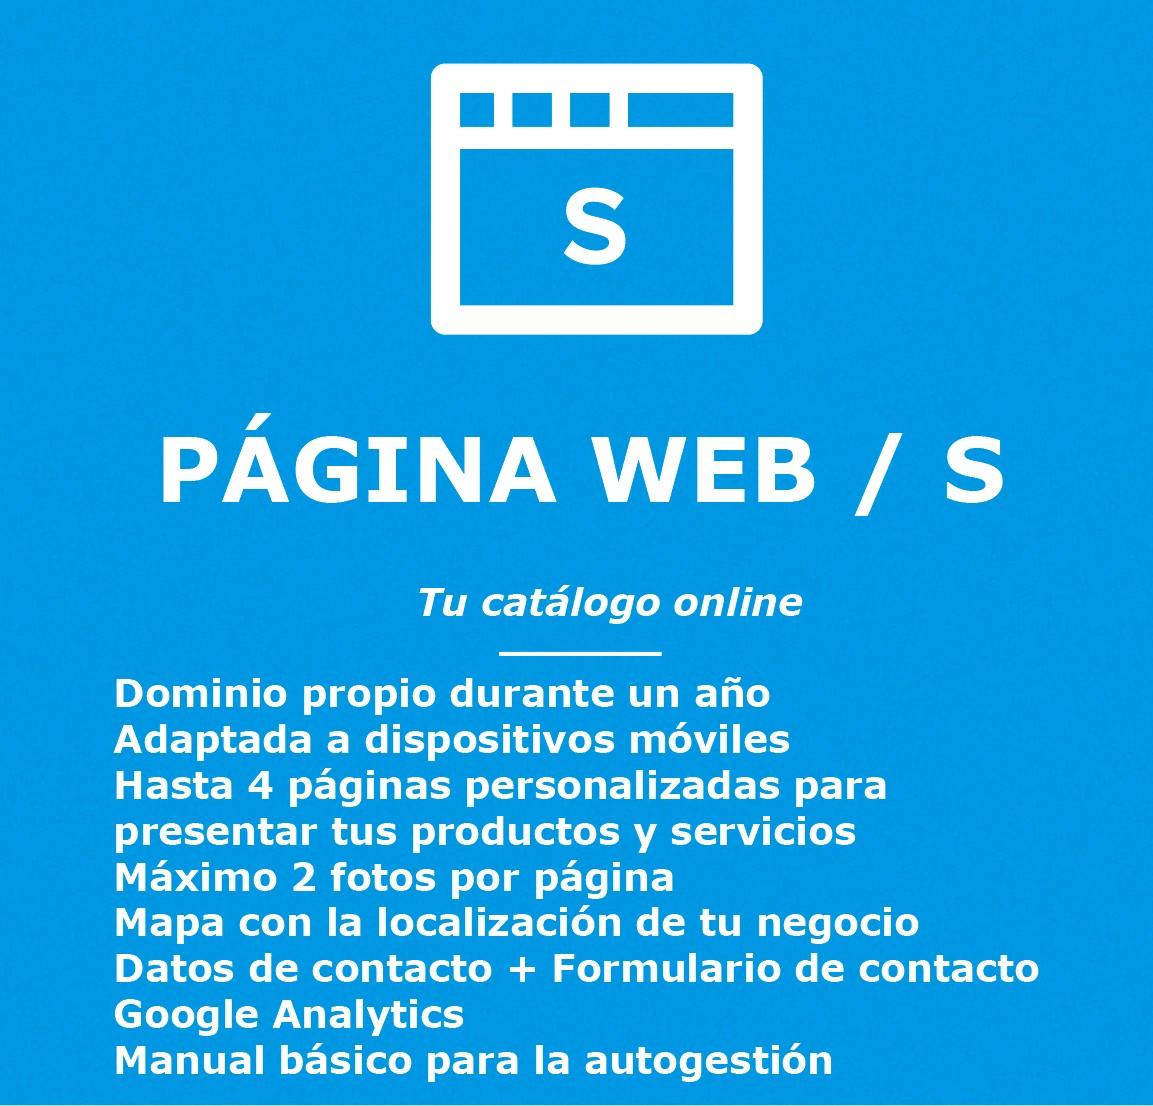 Pagina web - catalogo online